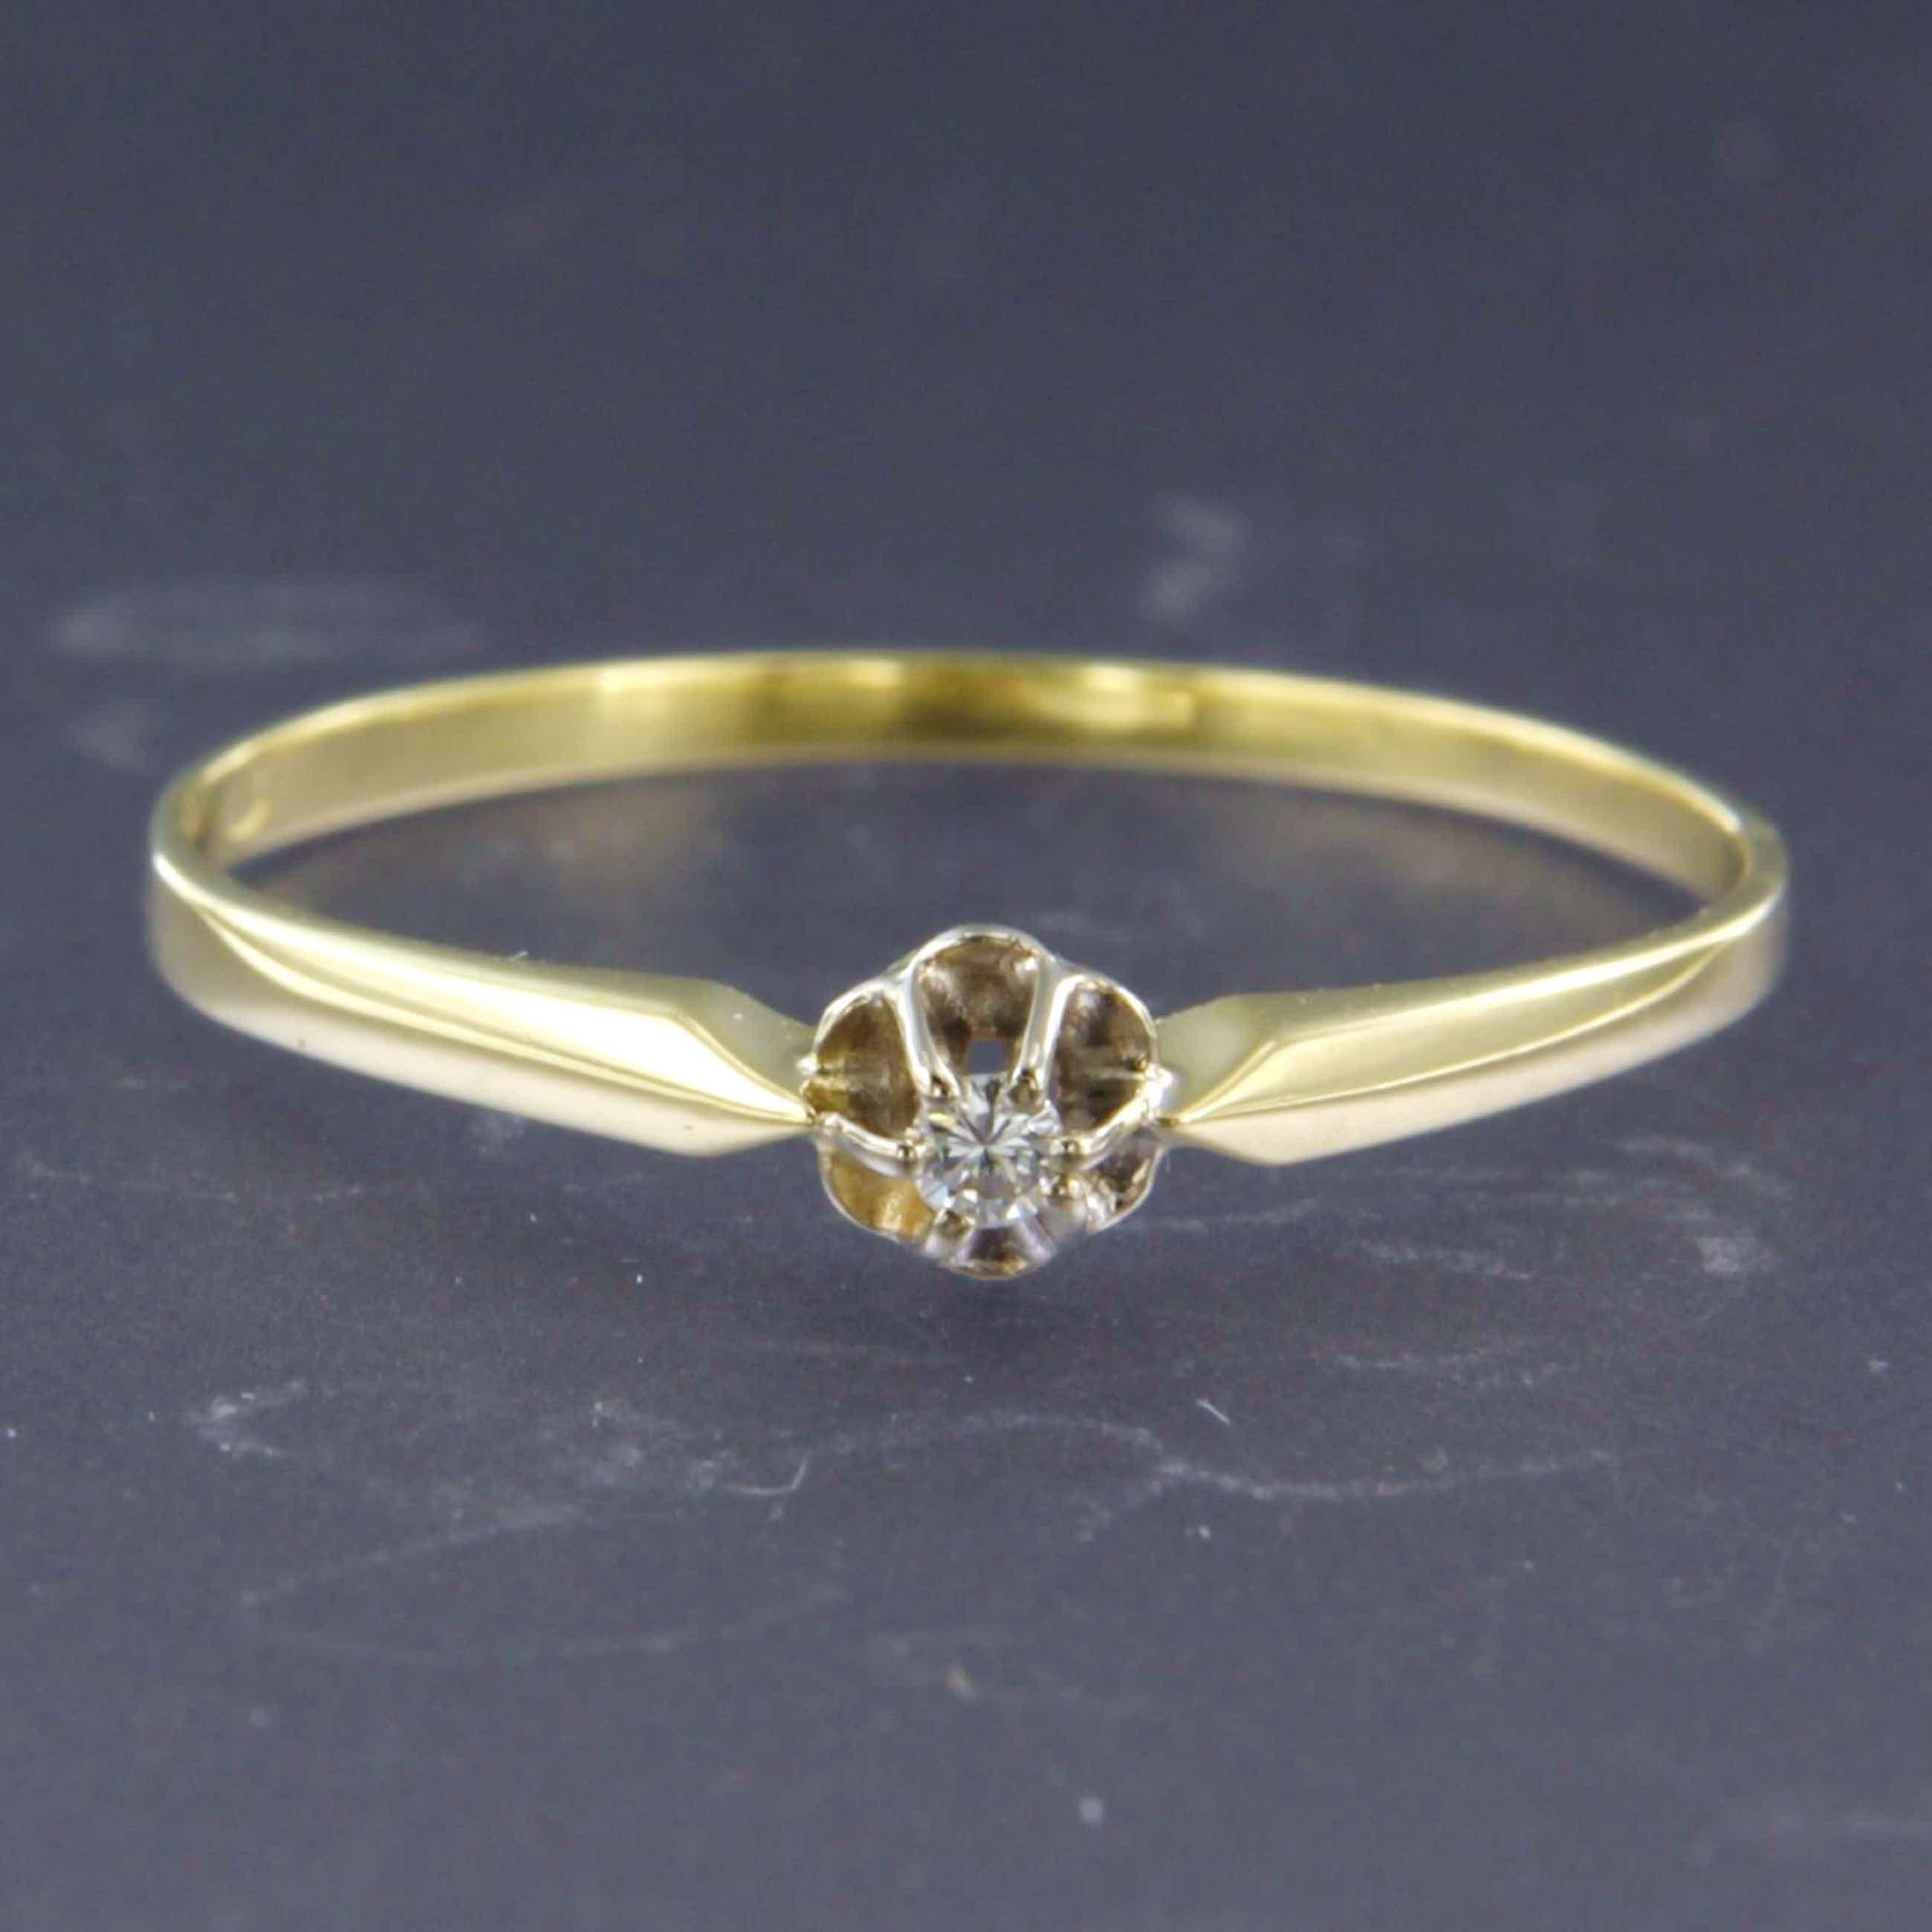 14K Goud - geel- en witgouden ring bezet met diamant - ringmaat 19.25 (60) kopen? Bied vanaf 120!